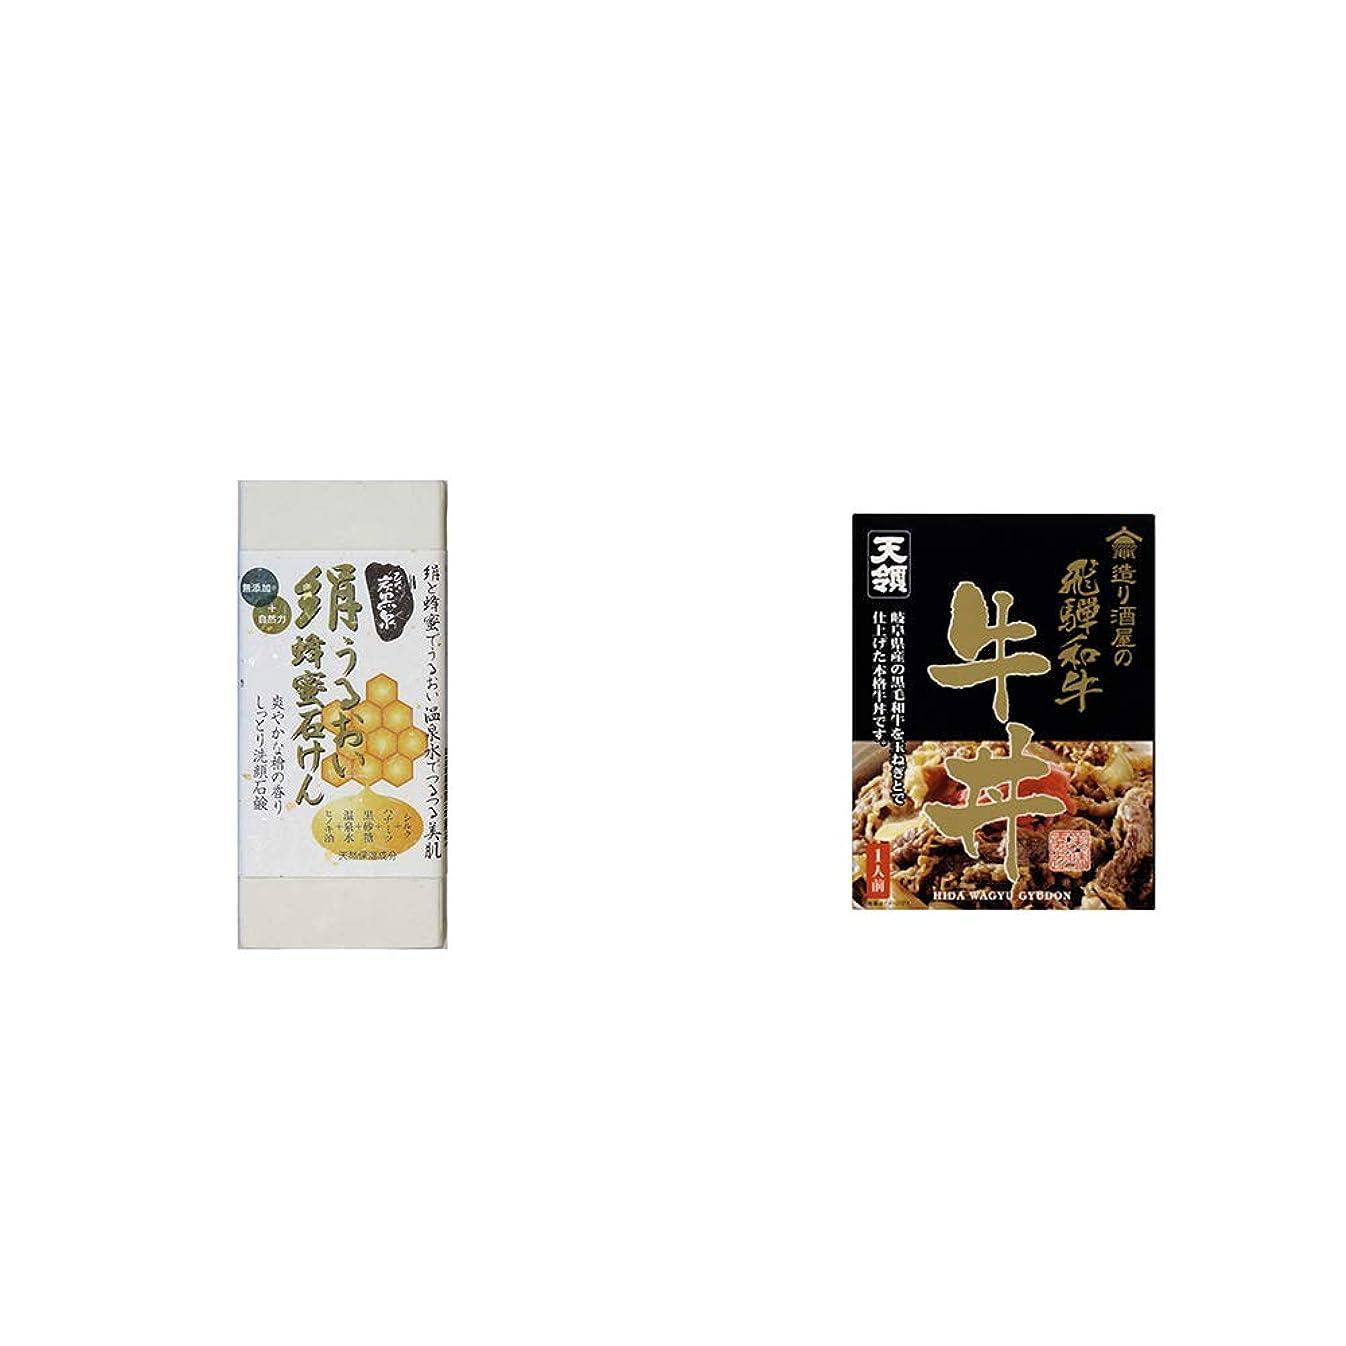 処方する語シプリー[2点セット] ひのき炭黒泉 絹うるおい蜂蜜石けん(75g×2)?天領酒造 造り酒屋の飛騨和牛 牛丼(1人前)